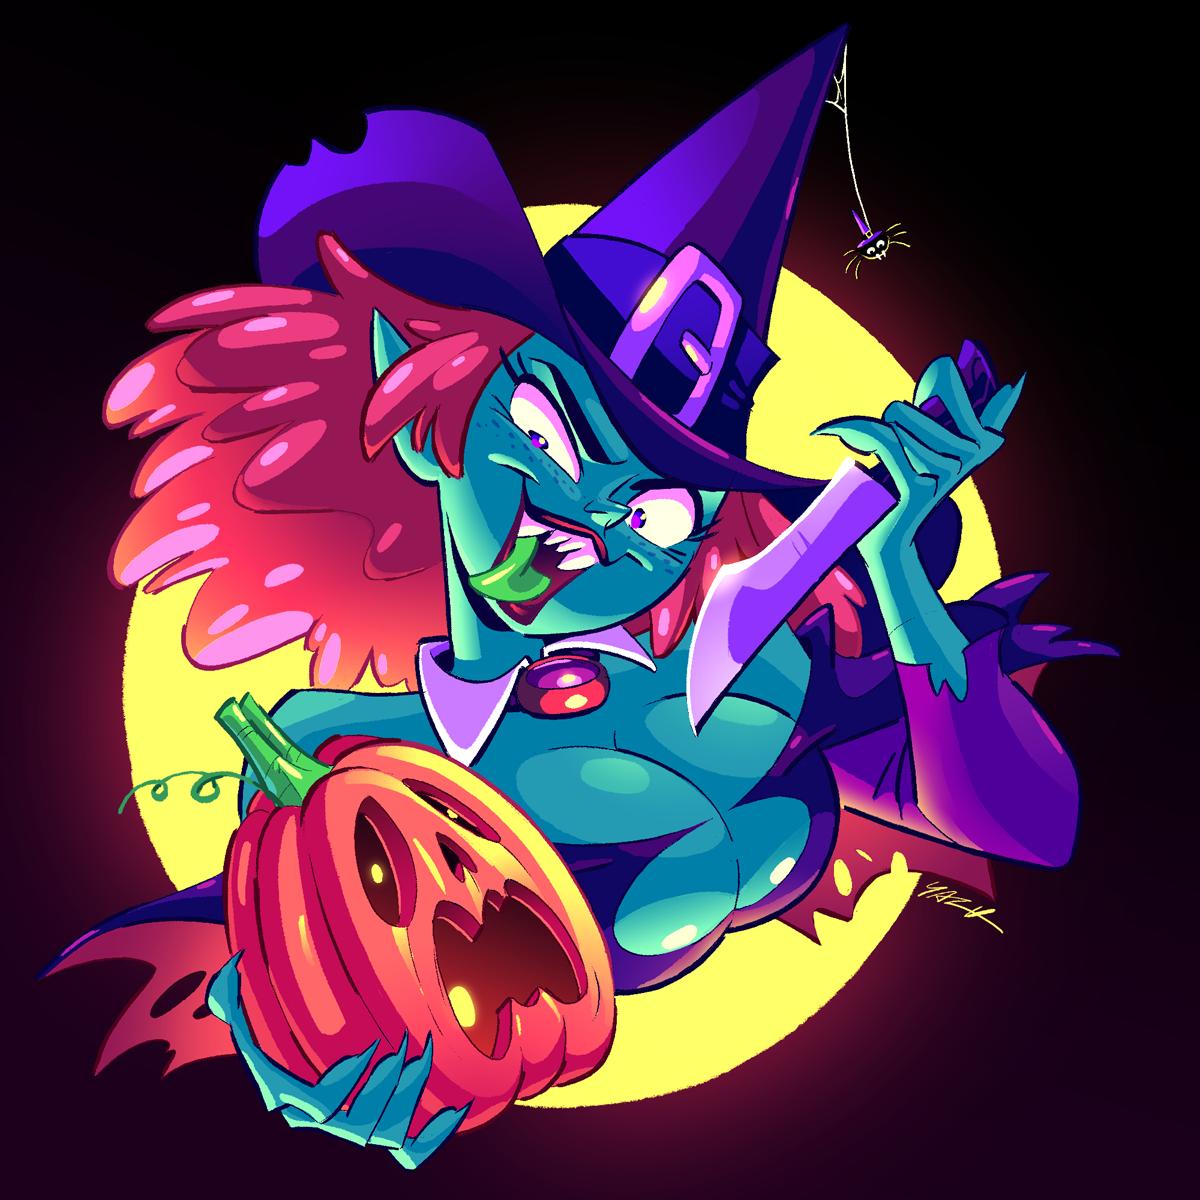 Happy Halloweeeen! Part 2